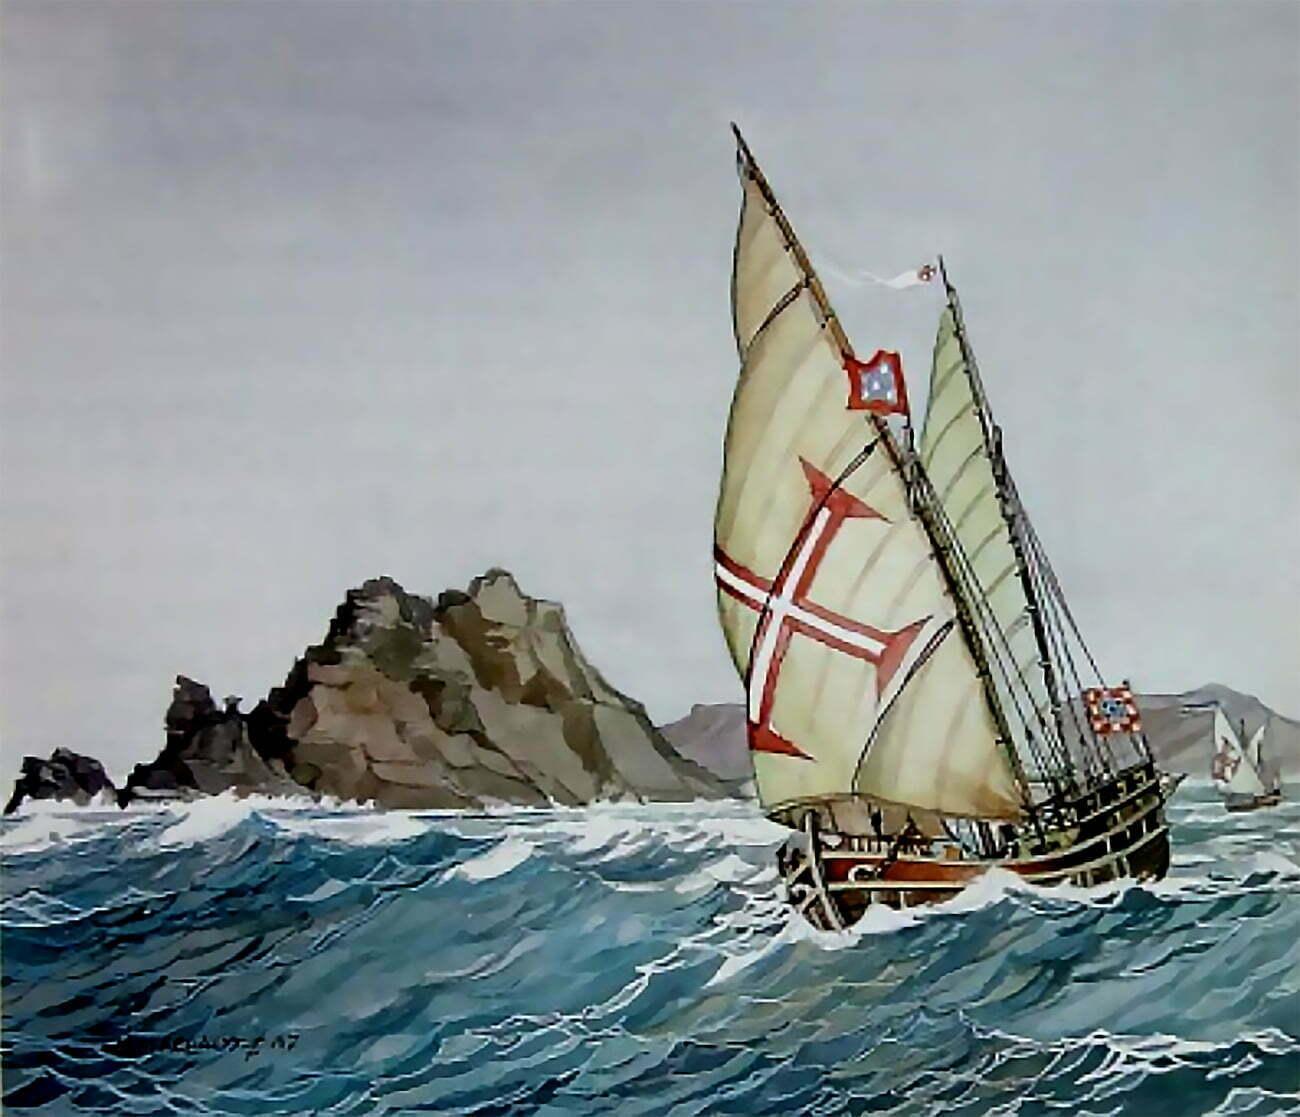 gravura de caravela em mar bravo